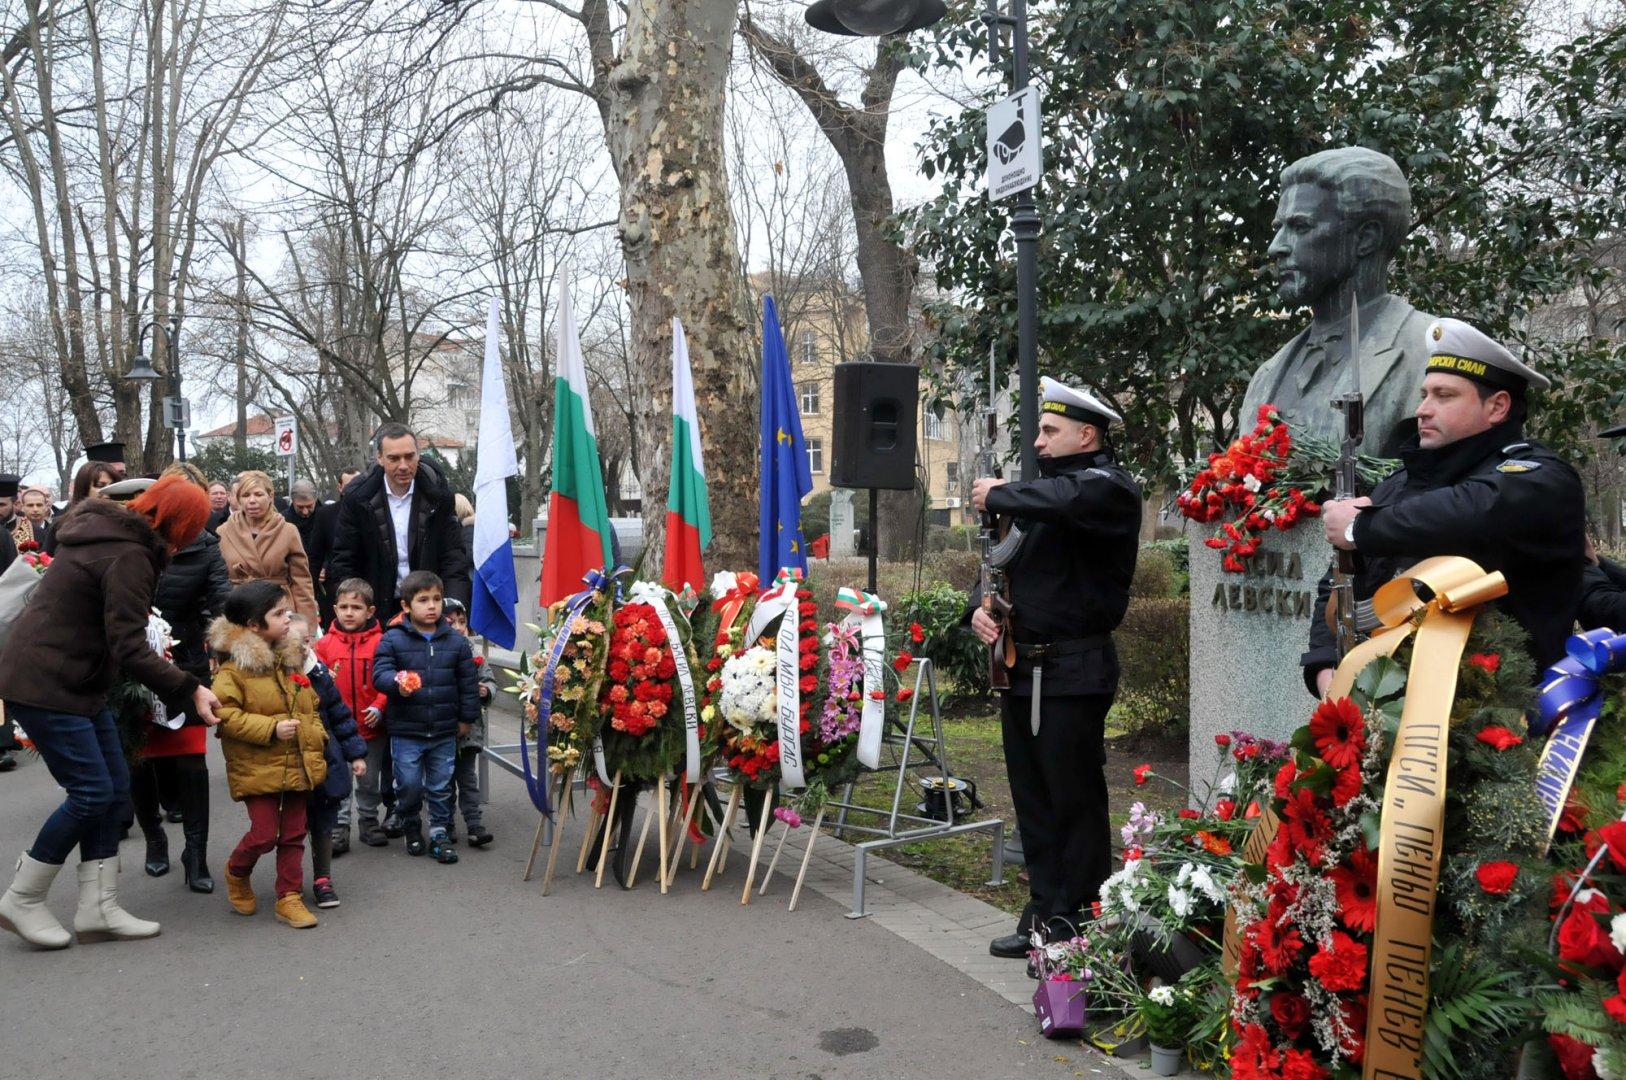 Бургазлии отдадоха почит пред паметника на Васил Левски в Морската градина по повод 147 години от гибелта на Апостола на свободата. Снимки Лина Главинова